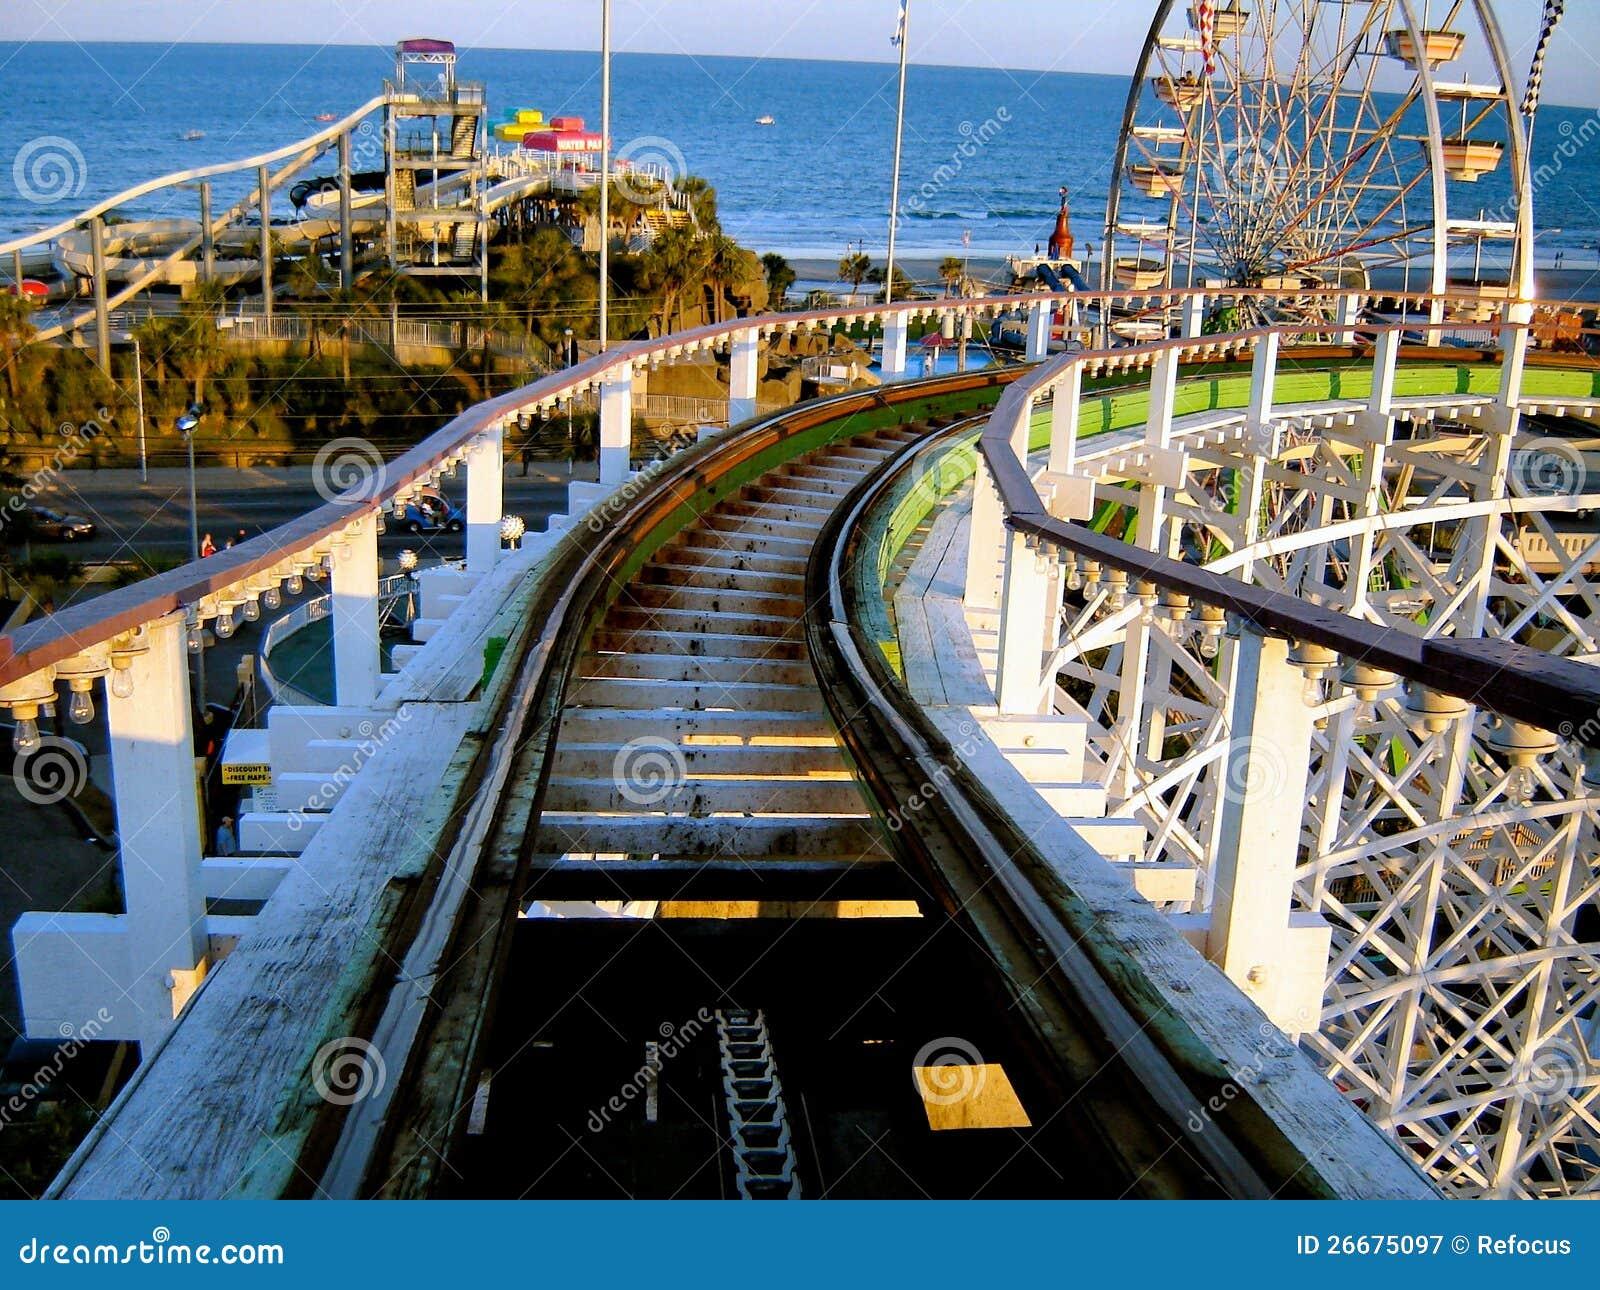 beach roller coaster - photo #30